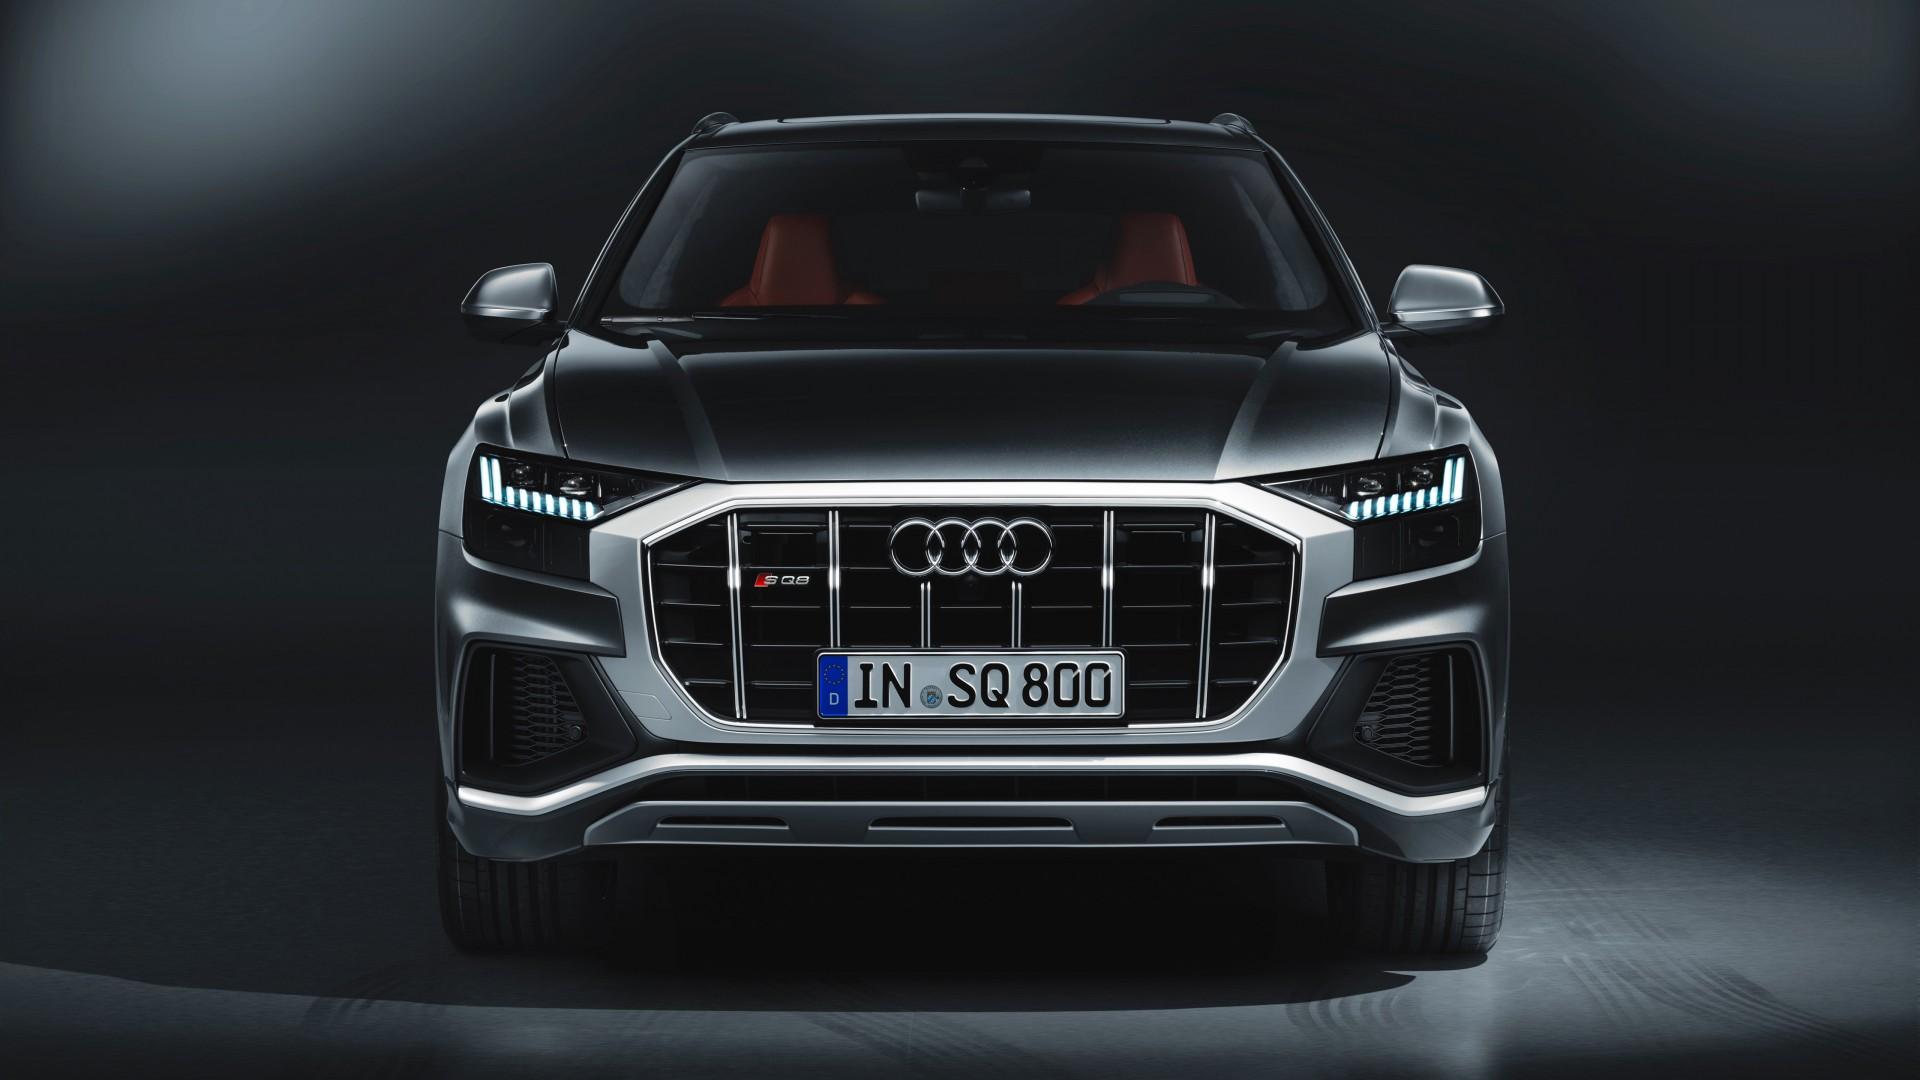 Audi SQ8 TDI 2019 5K Wallpaper | HD Car Wallpapers | ID #12781